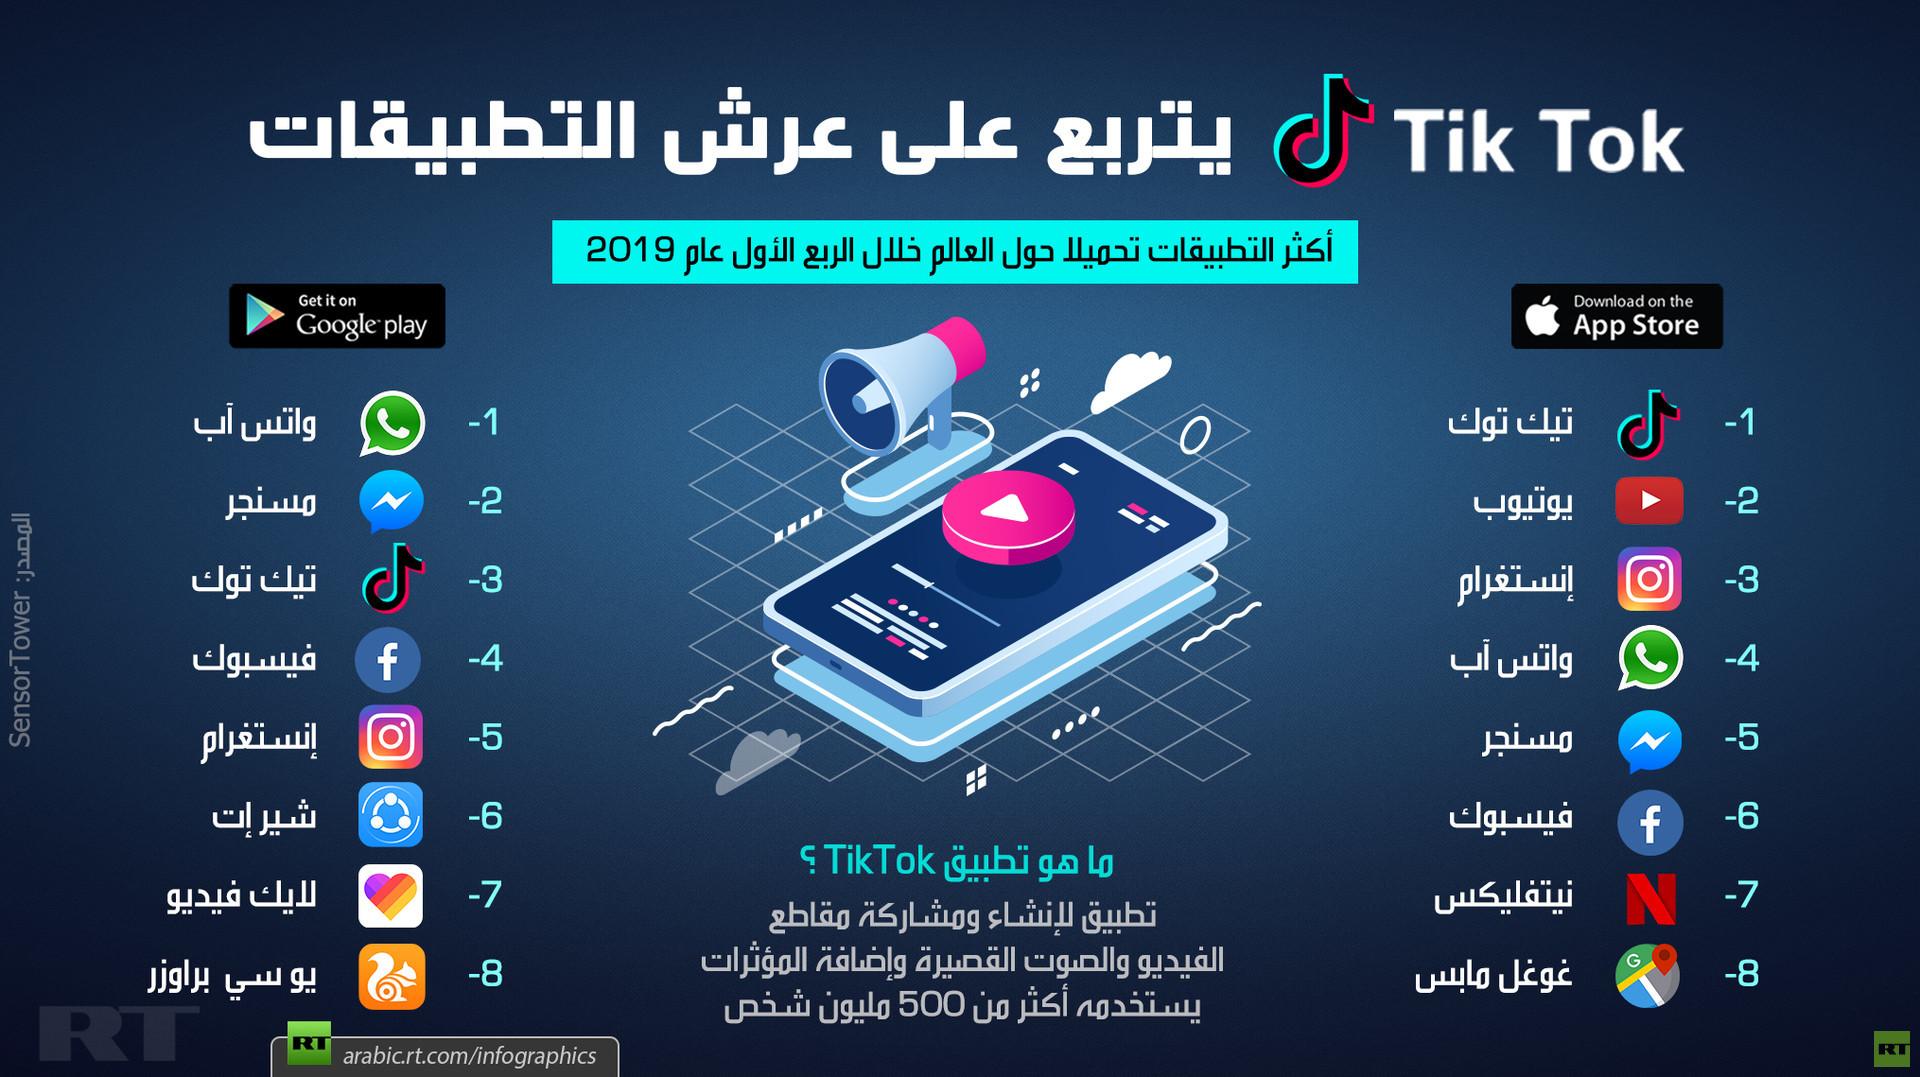 Tik Tok يتربع على عرش التطبيقات